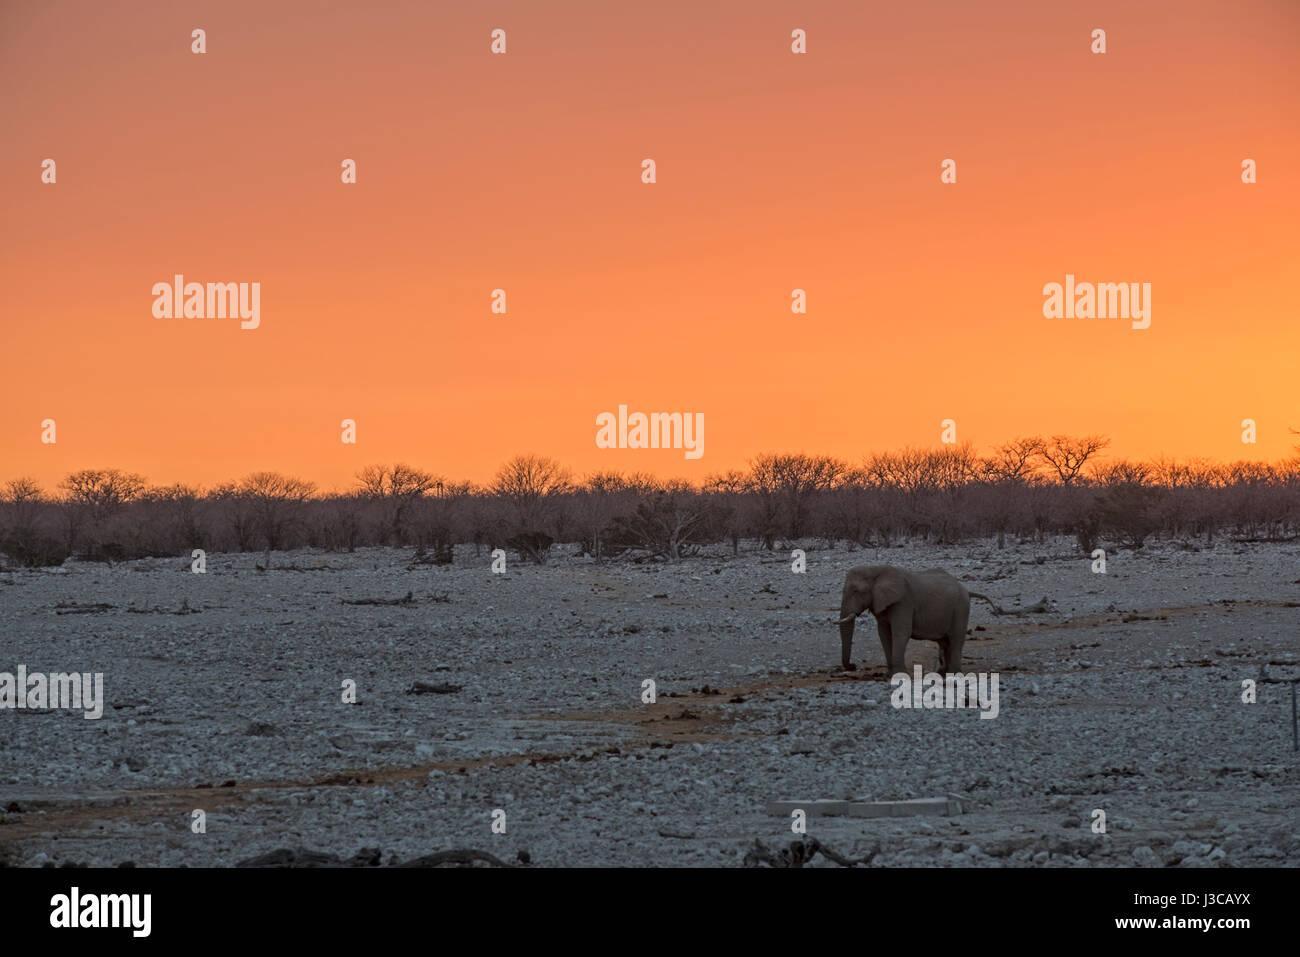 Elephant at sunset: Loxodonta africana. Etosha, Namibia. - Stock Image